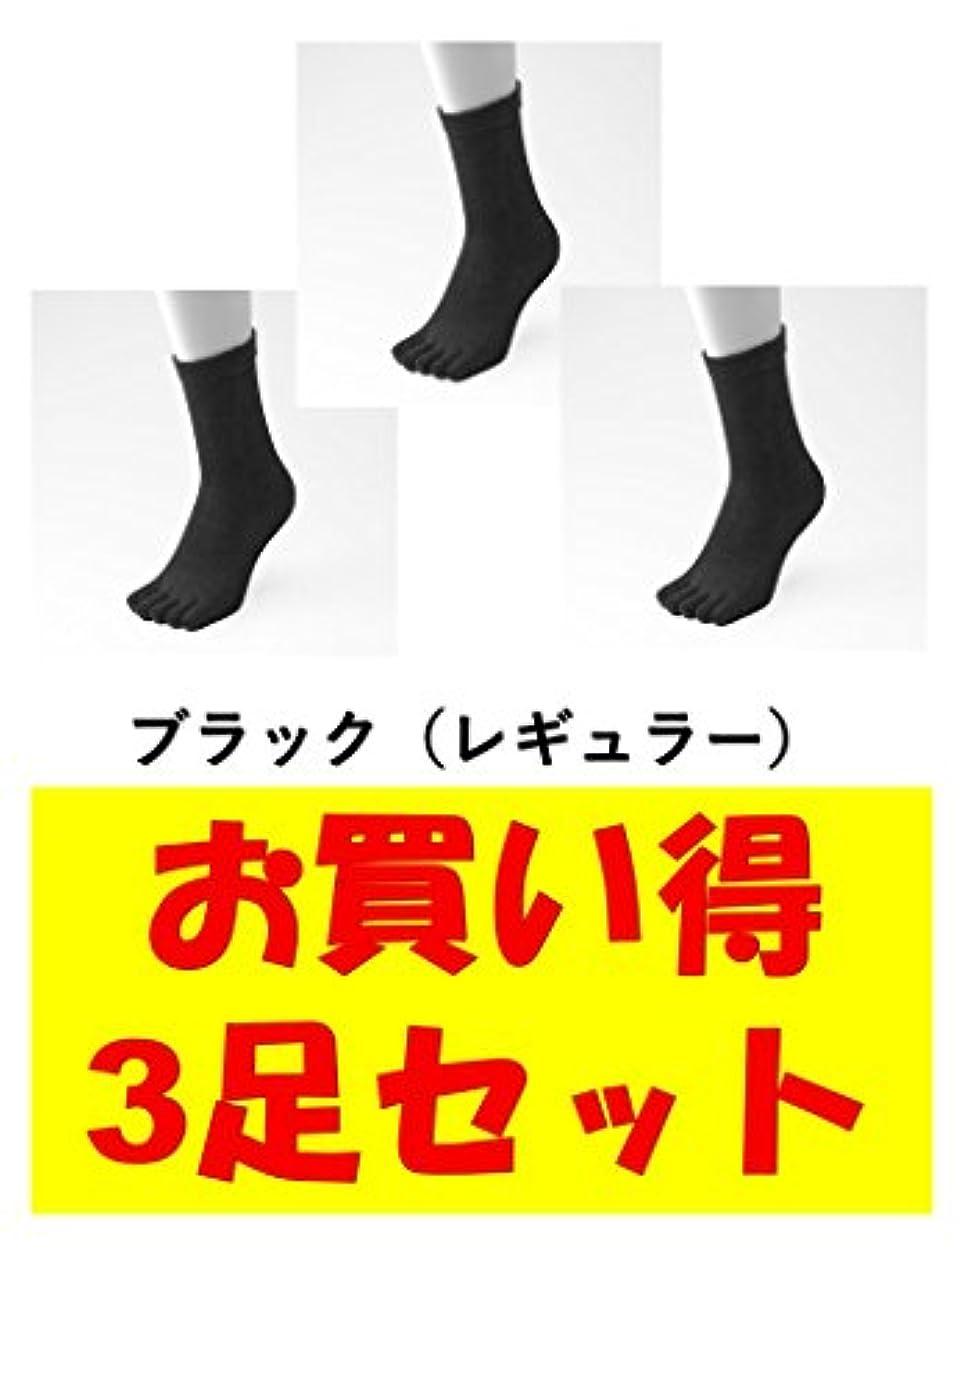 韻散らすフローお買い得3足セット 5本指 ゆびのばソックス ゆびのばレギュラー ブラック 女性用 22.0cm-25.5cm HSREGR-BLK